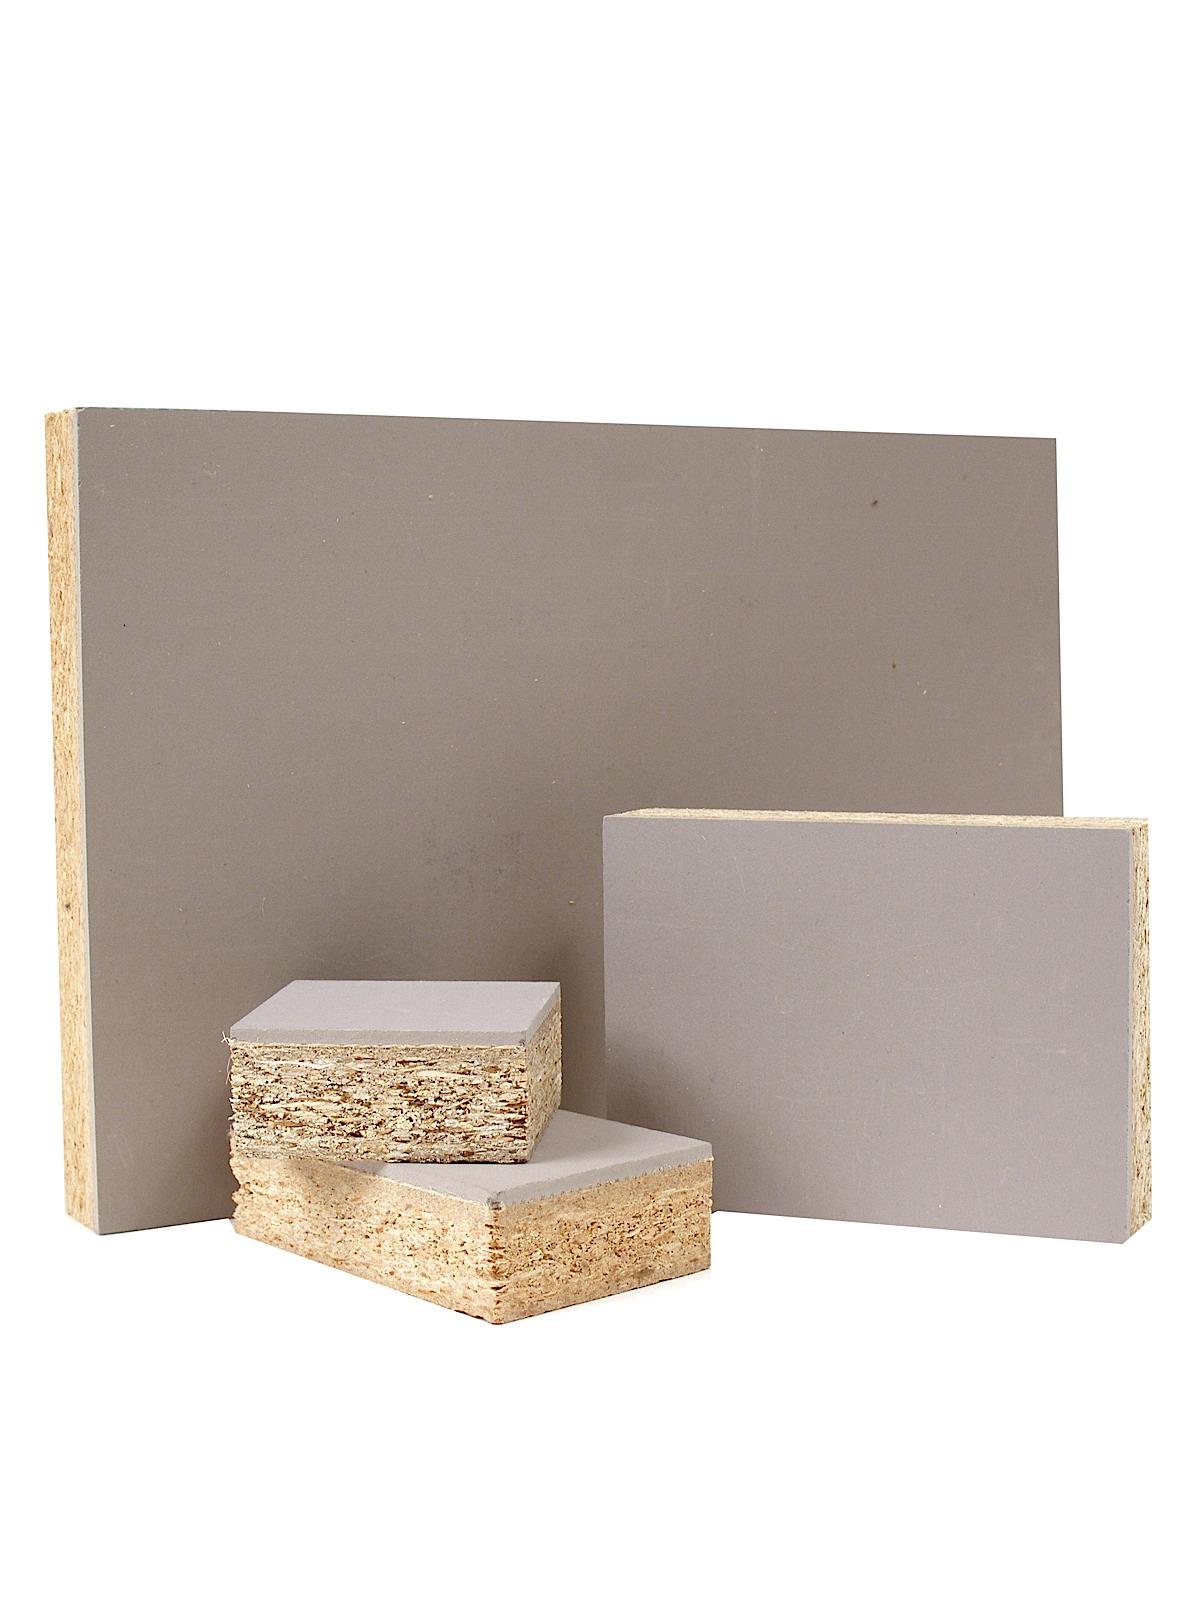 Economy Linoleum Block